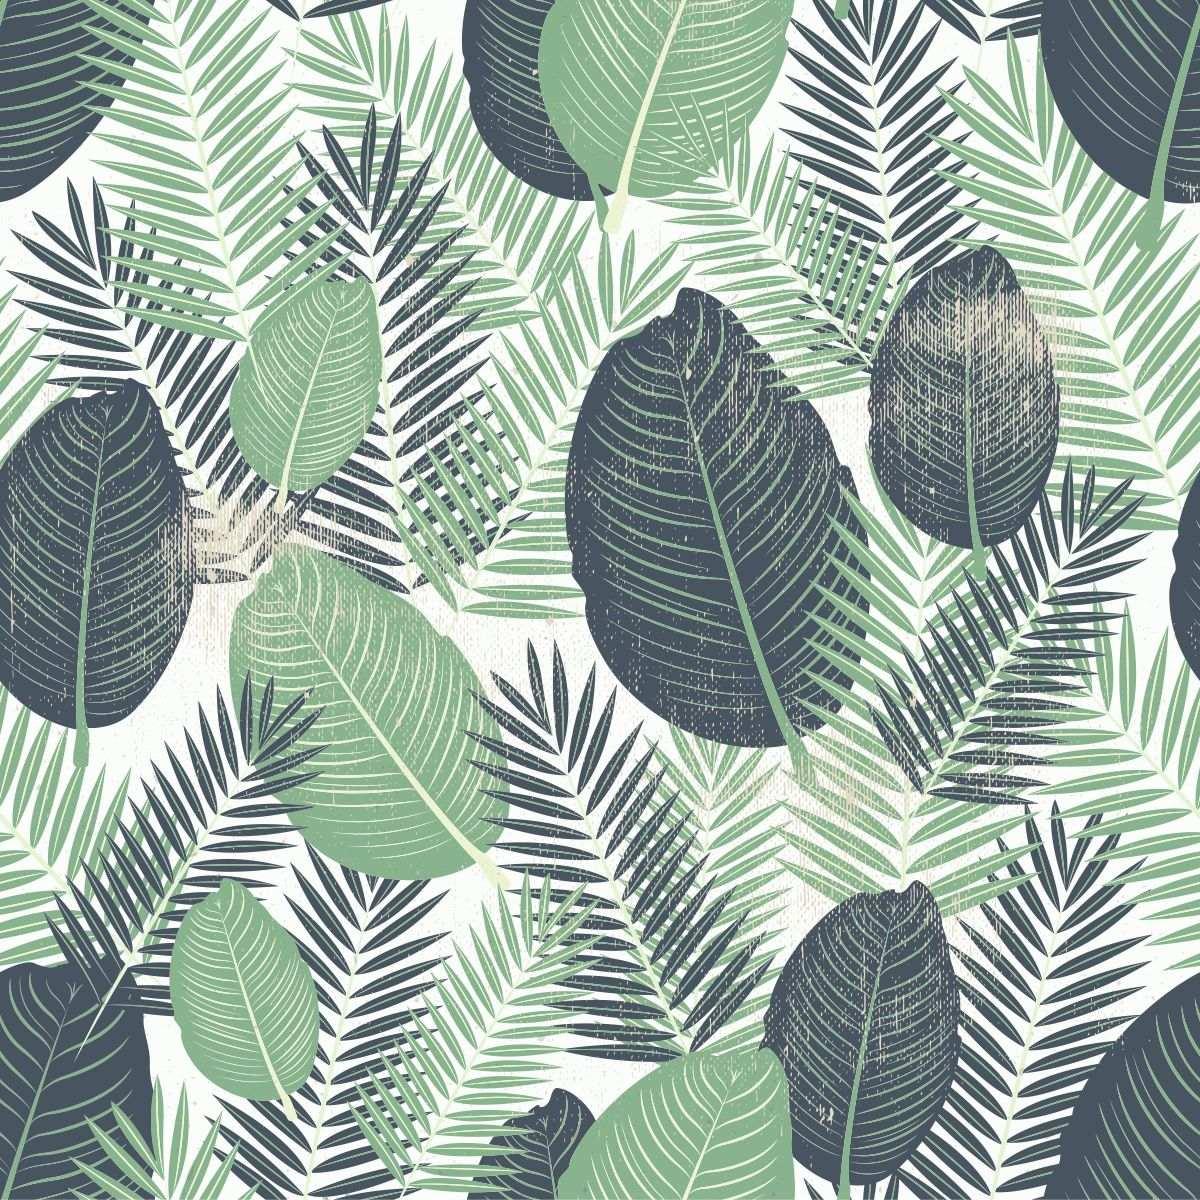 Papel De Parede Sala E Quarto Folhas Verdes Coloridas Adesiv R 69  -> Papel De Parede Para Sala Folhas